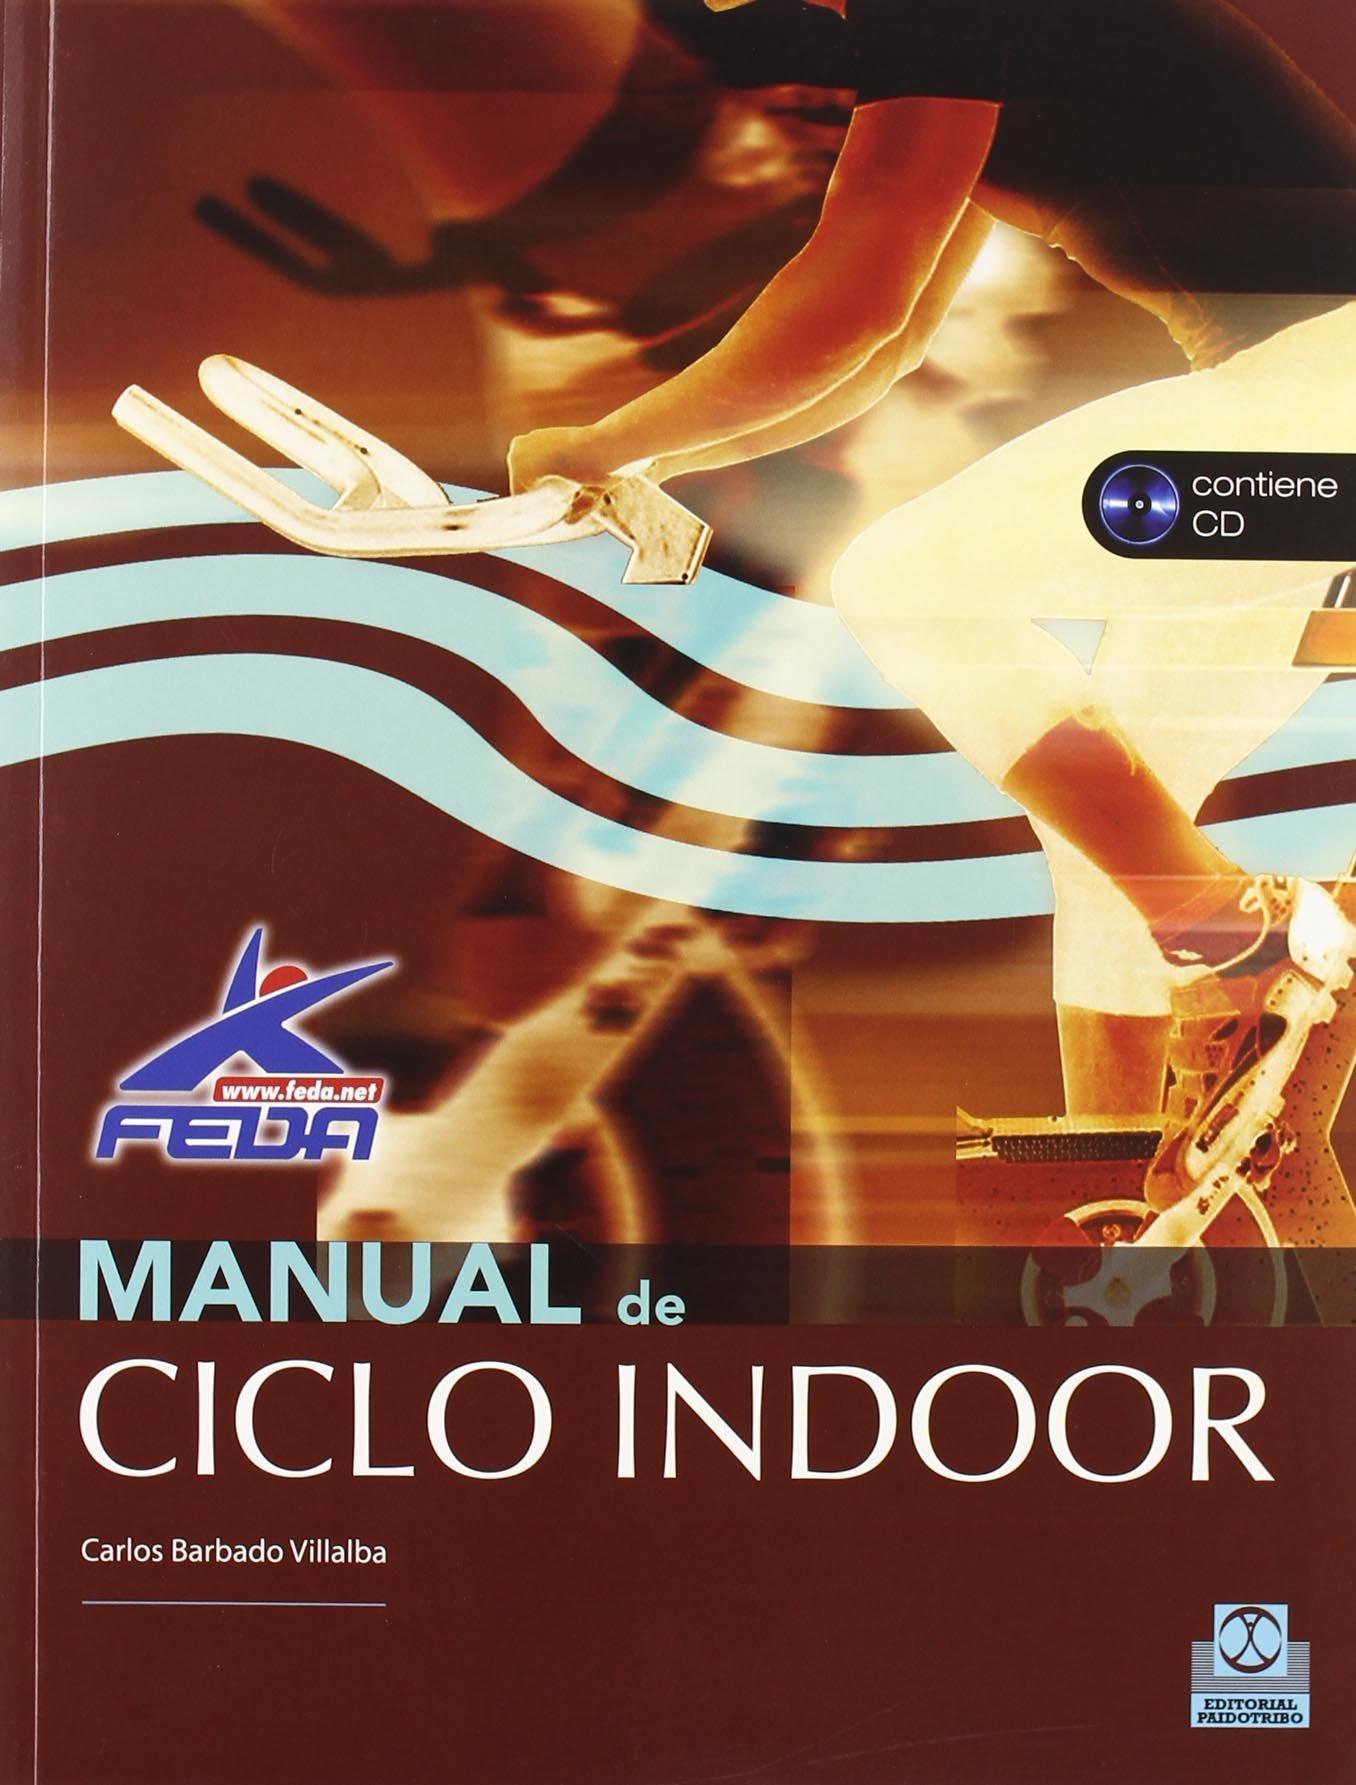 MANUAL DE CICLO INDOOR -Libro+CD- (Color) (Deportes): Amazon.es ...